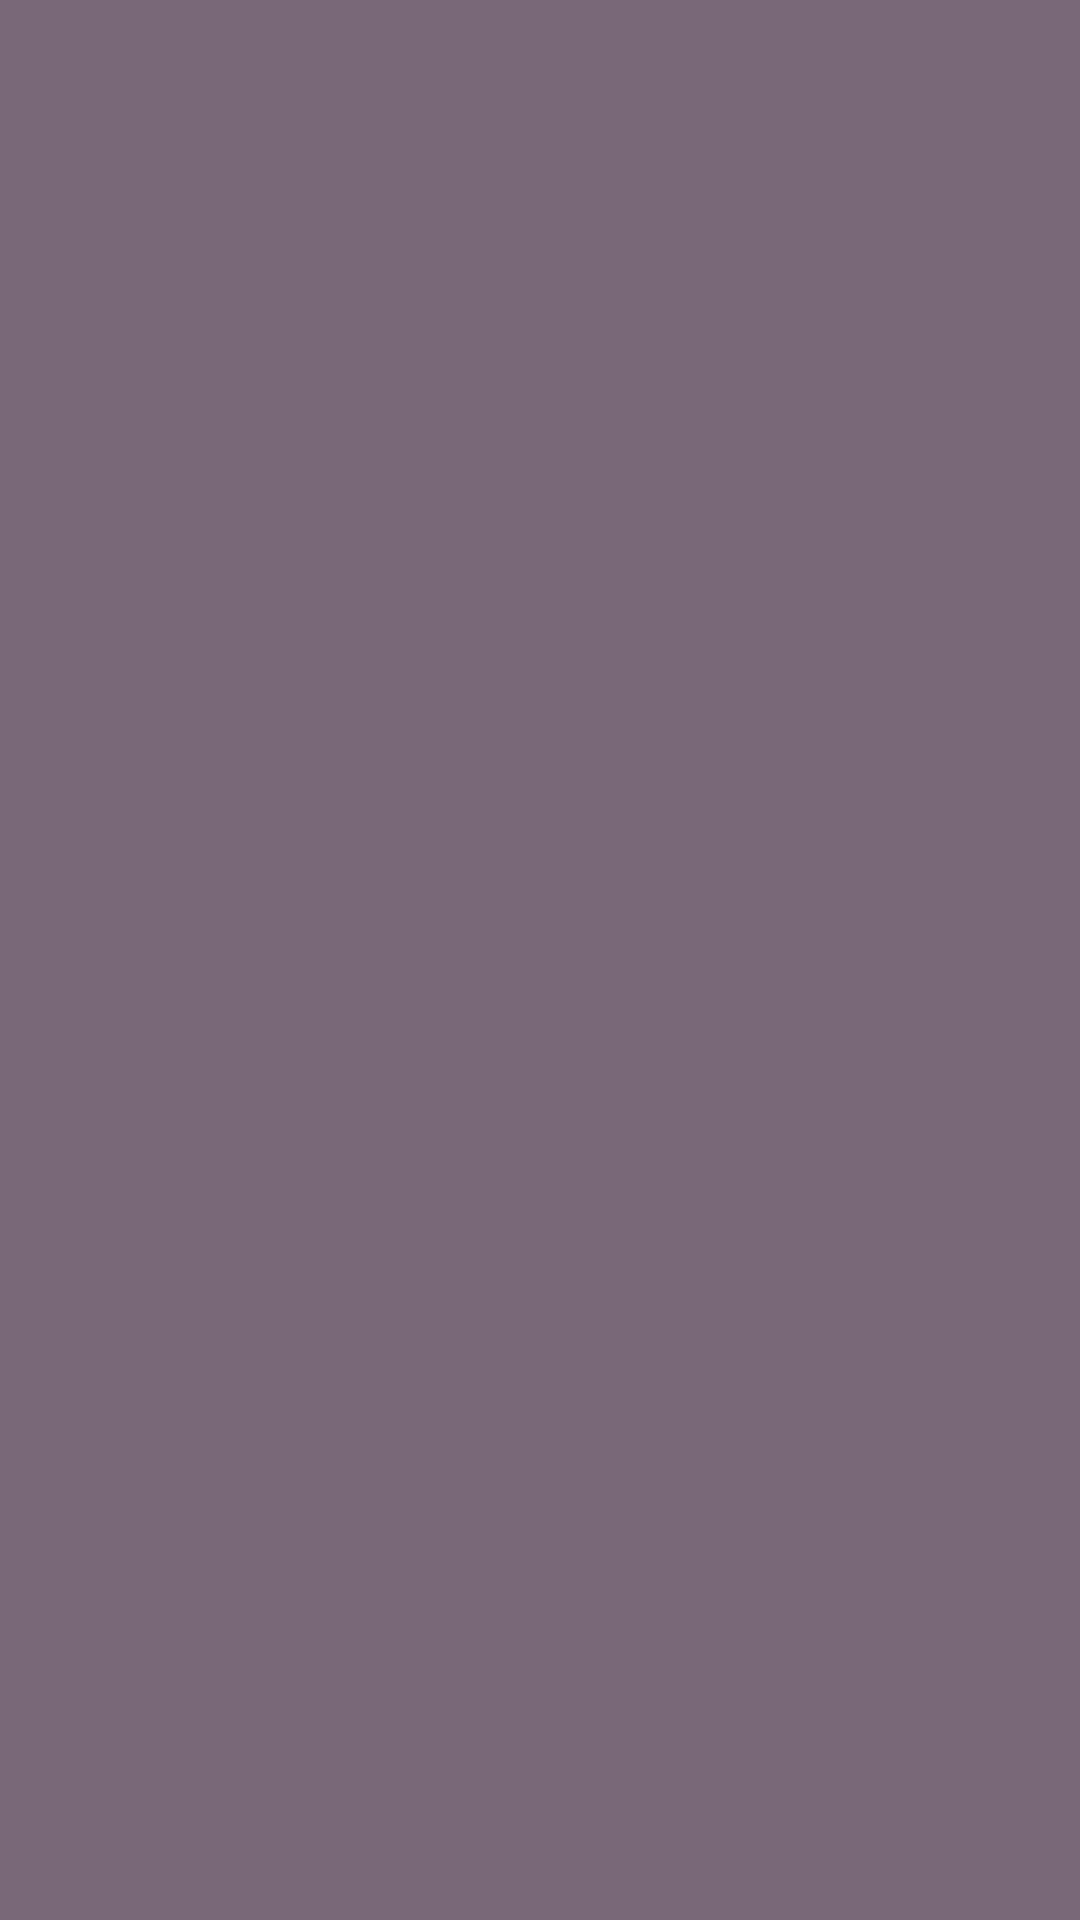 1080x1920 Old Lavender Solid Color Background